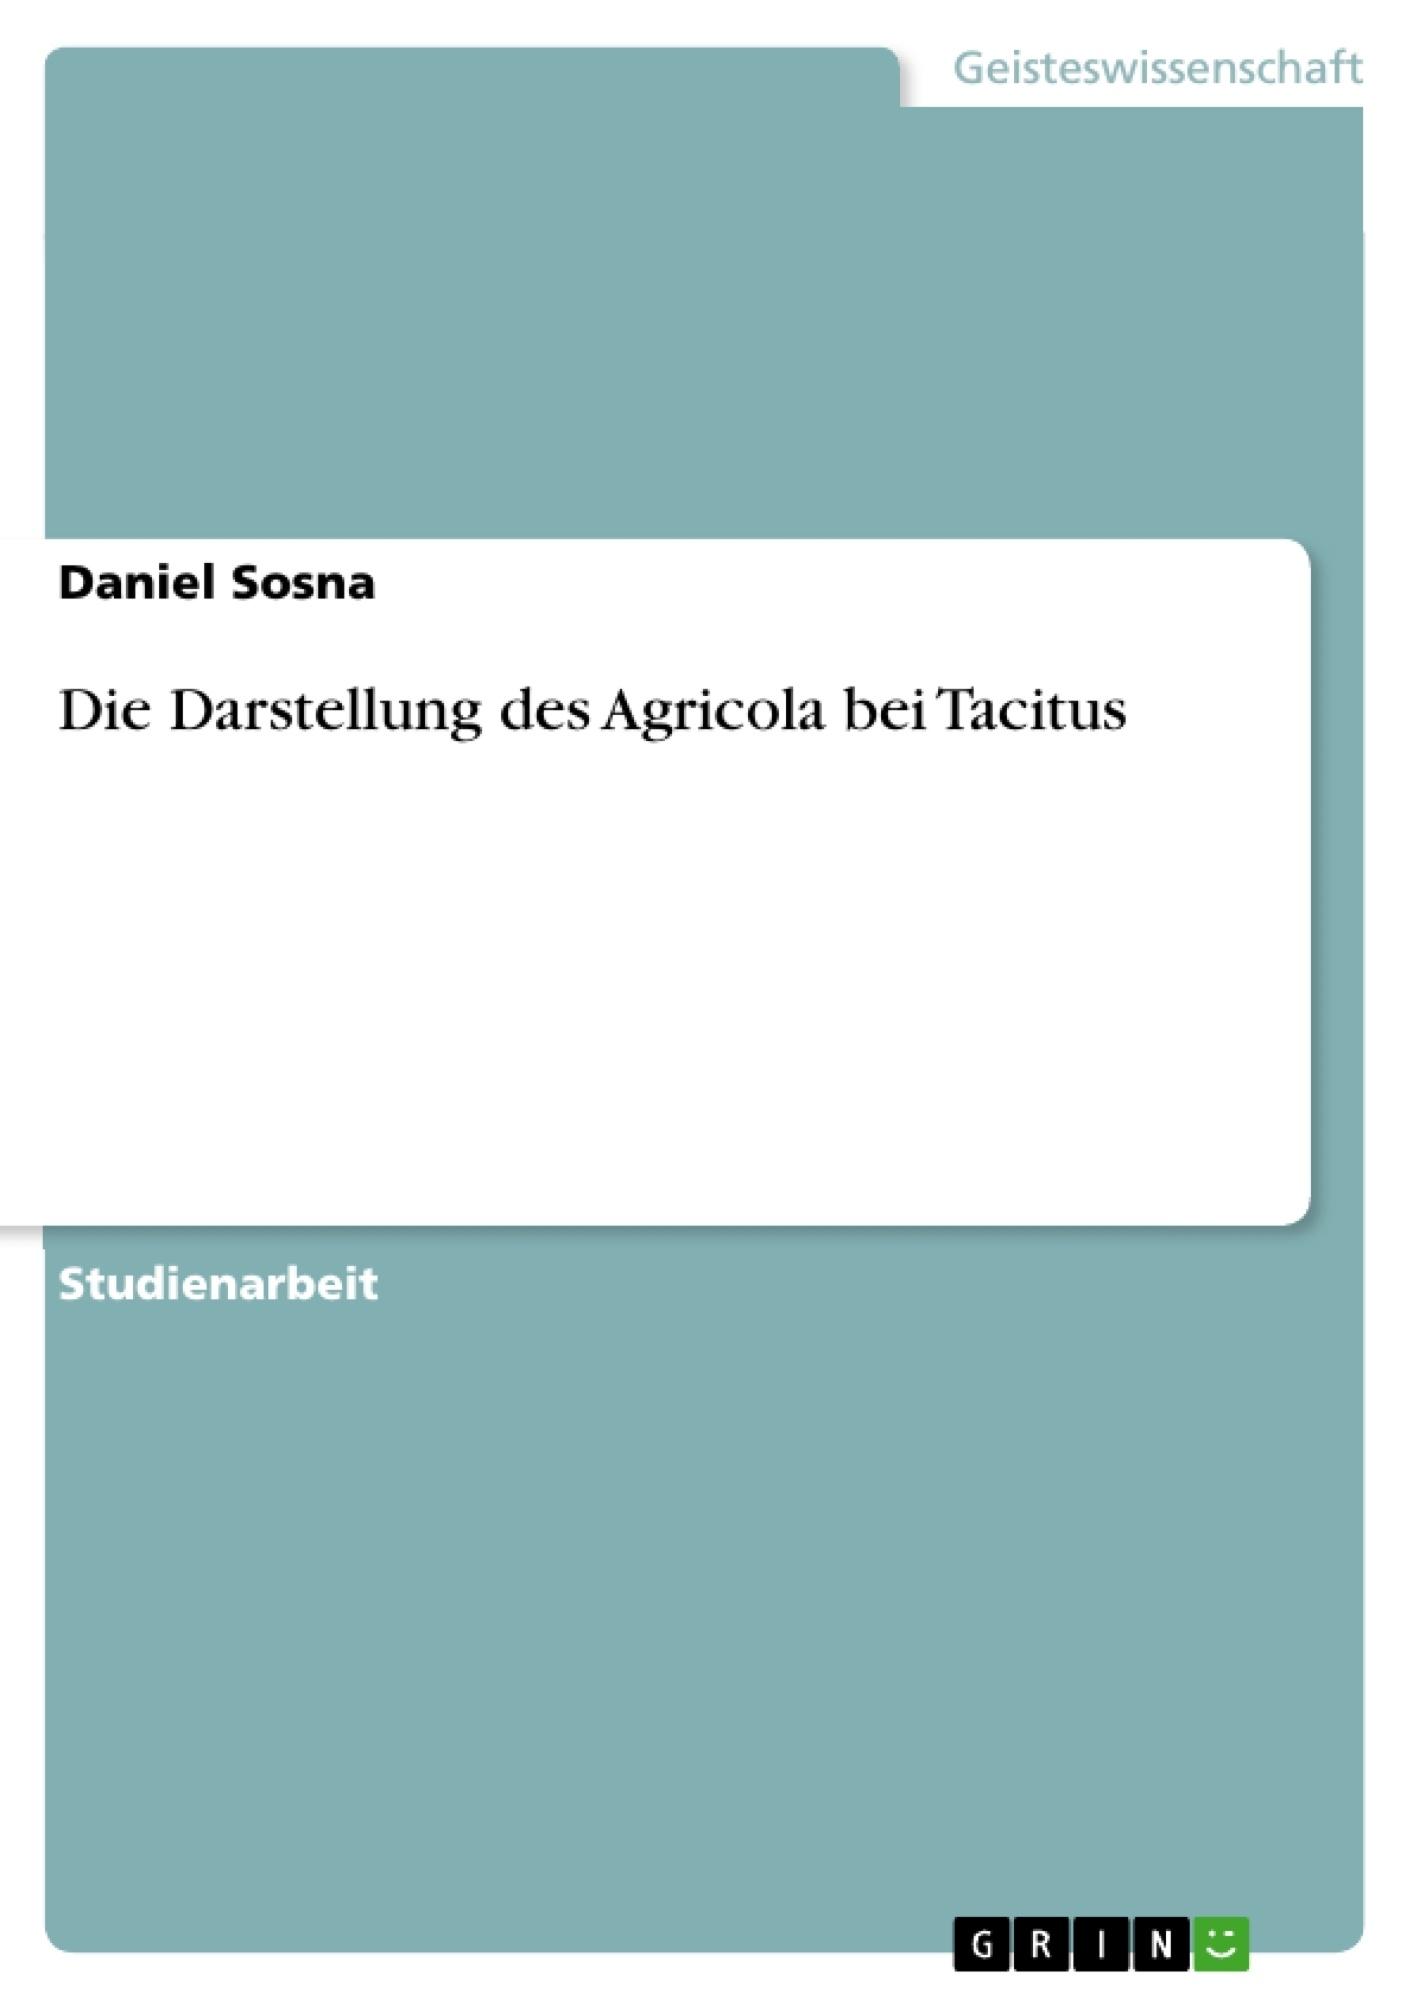 Titel: Die Darstellung des Agricola bei Tacitus